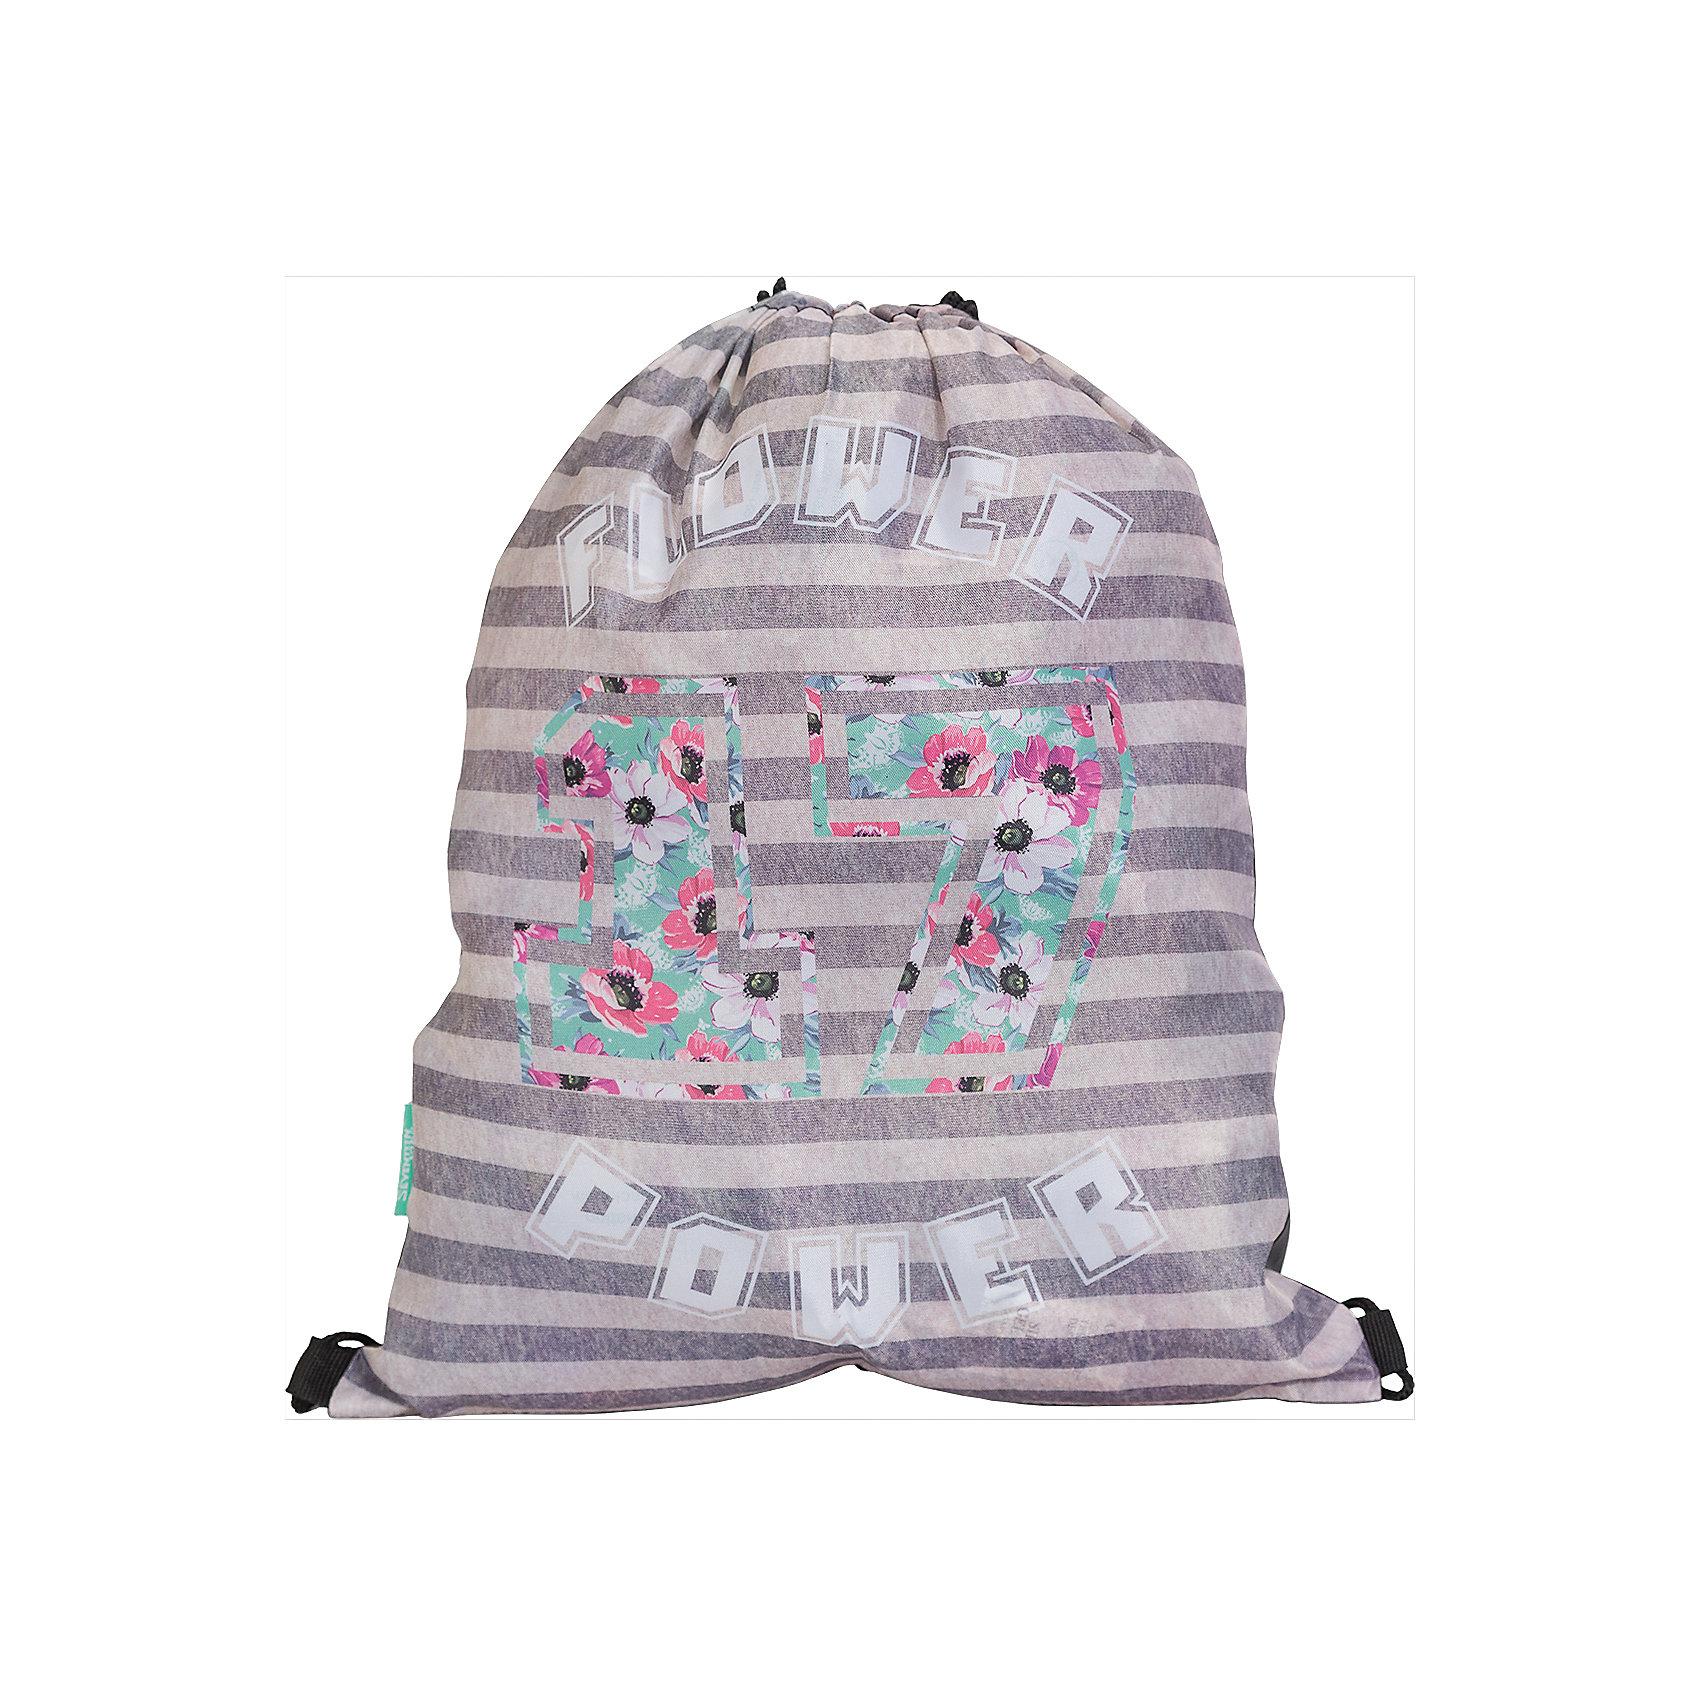 Мешок для обуви, Seventeen KidsМешки для обуви<br>Мешок для обуви, Seventeen Kids, идеально подойдет для сменной обуви маленькой школьницы и для физкультурной формы. Мешок изготовлен из прочного водостойкого материала приятной полосатой расцветкой и украшен цветочным принтом. Затягивается сверху при помощи<br>текстильных шнурков-лямок, которые фиксируются в нижней части, благодаря чему его можно носить за спиной как рюкзак.<br><br><br>Дополнительная информация:<br><br>- Материал: полиэстер.<br>- Размер: 43 х 1 х 34 см.<br>- Вес: 45 гр. <br><br>Мешок для обуви, Seventeen Kids, можно купить в нашем интернет-магазине.<br><br>Ширина мм: 430<br>Глубина мм: 340<br>Высота мм: 10<br>Вес г: 45<br>Возраст от месяцев: 84<br>Возраст до месяцев: 144<br>Пол: Женский<br>Возраст: Детский<br>SKU: 4681170